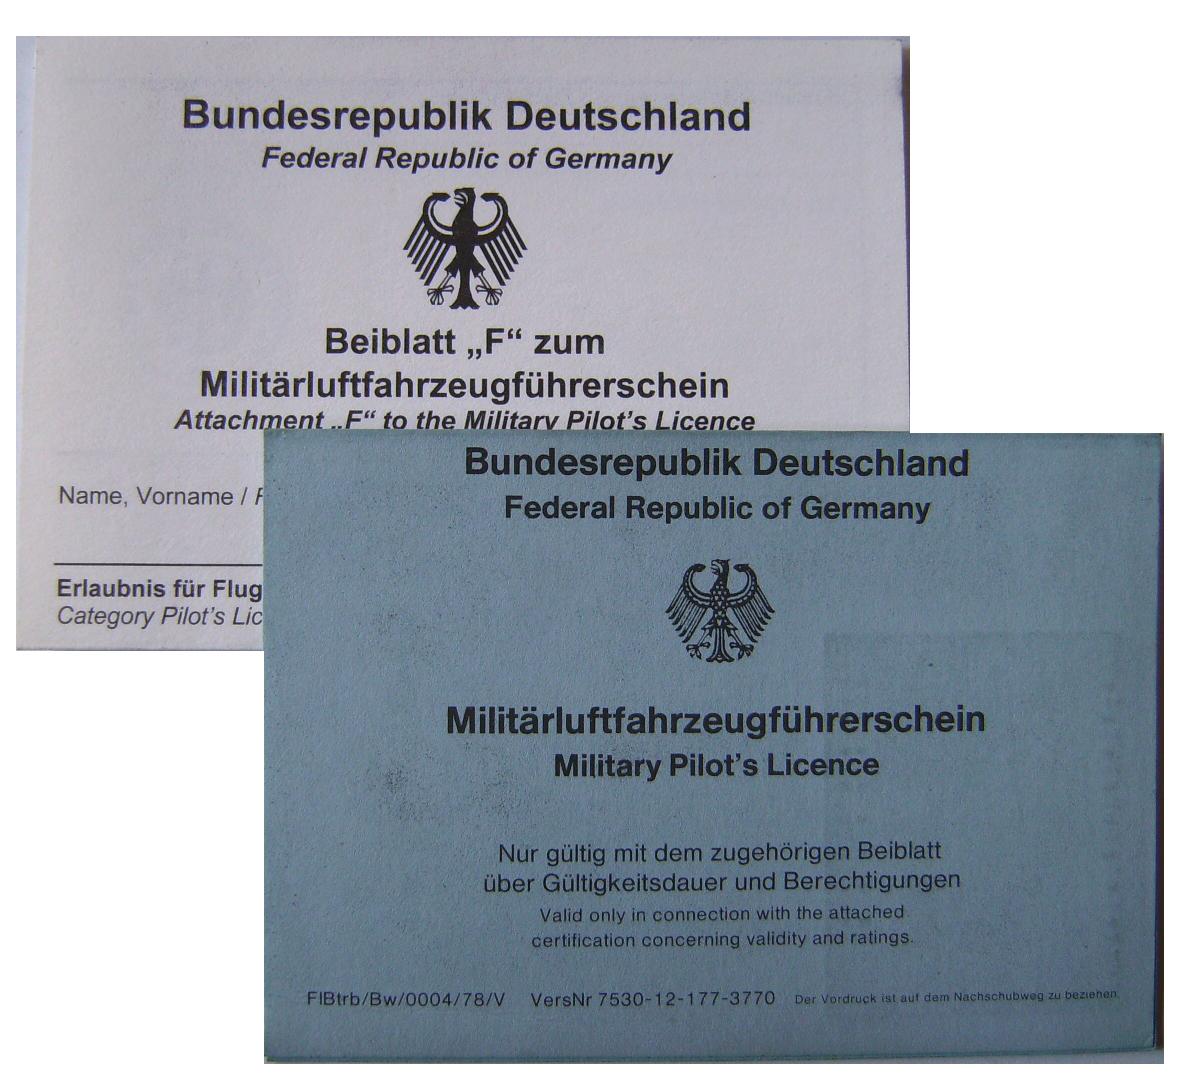 Fliegerische Ausbildung (Bundeswehr)